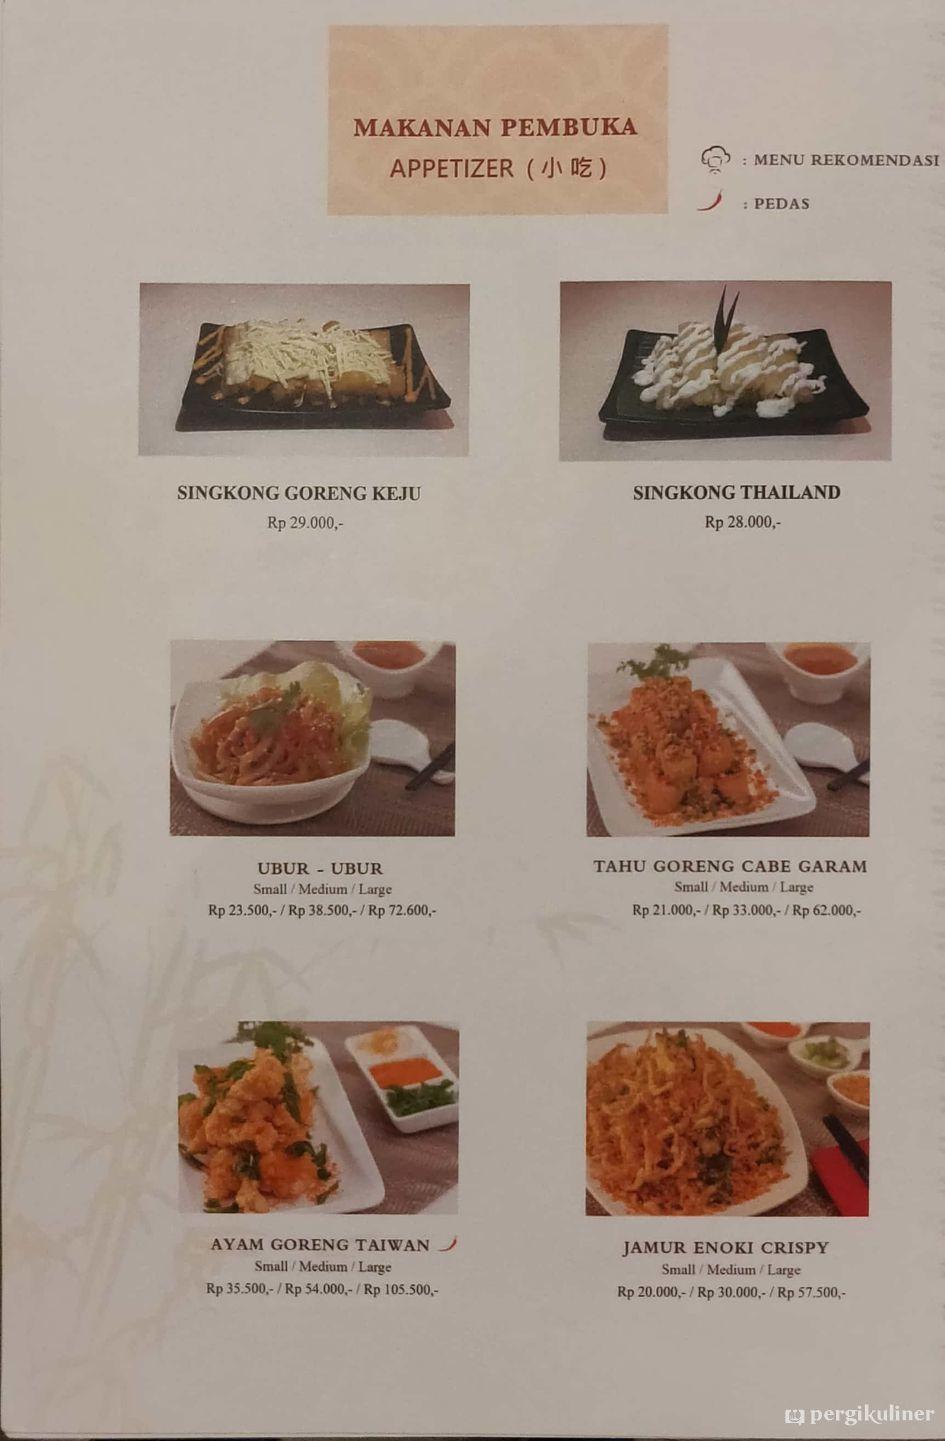 orient garden menu